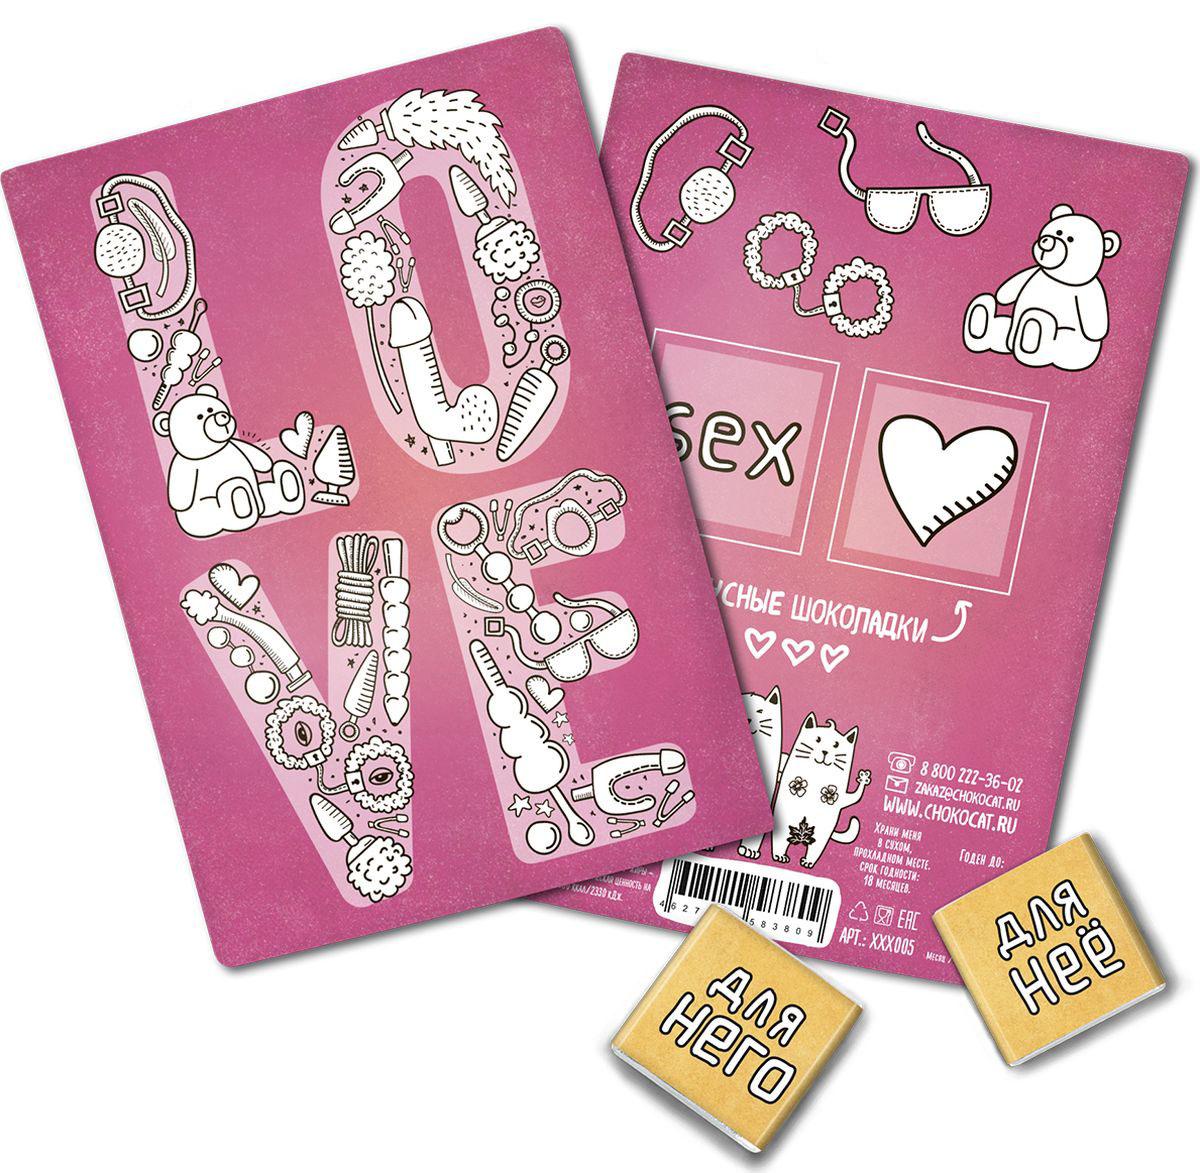 Chokocat Love открытка, 10 гХХХ005Отличный способ намекнуть о своих чувствах и желаниях, даже о самых нескромных. Внутри которой 2 молочных шоколадки по 5 грамм. Каждая обернута в этикетку с оригинальной иллюстрацией.